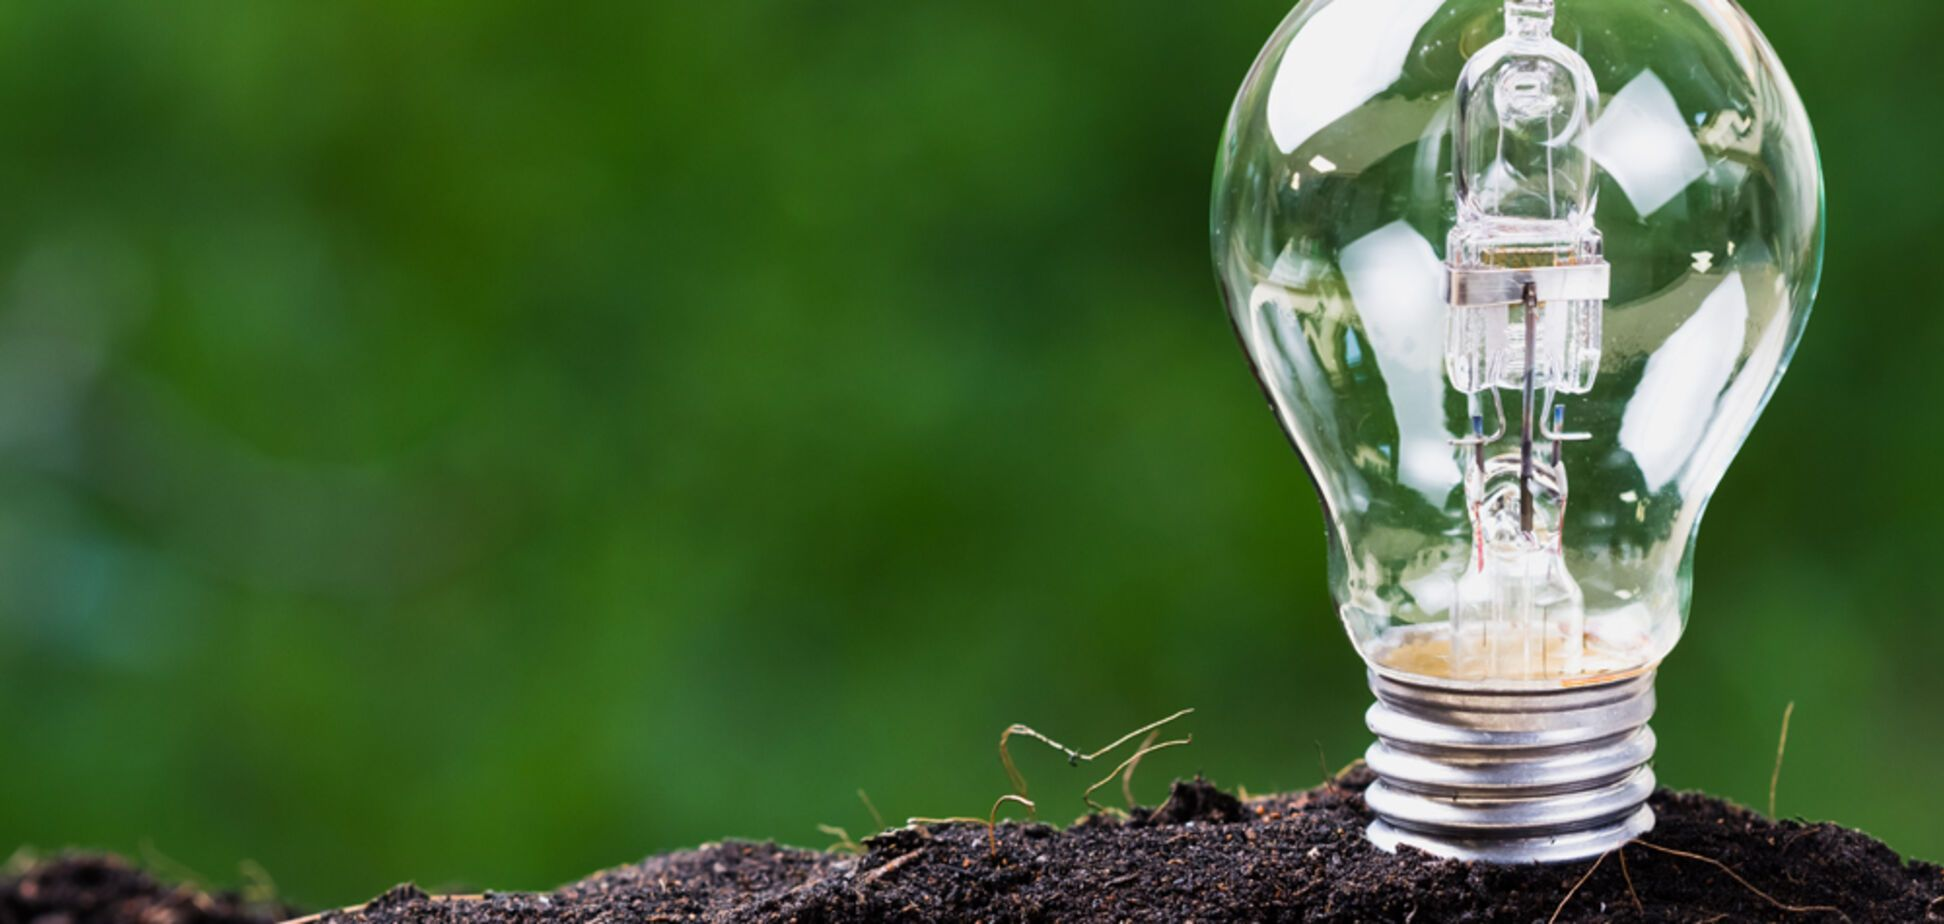 Из-за долгов в зеленой энергетике Украины получила статус страны со сверхвысокими рисками для инвесторов, – юрист